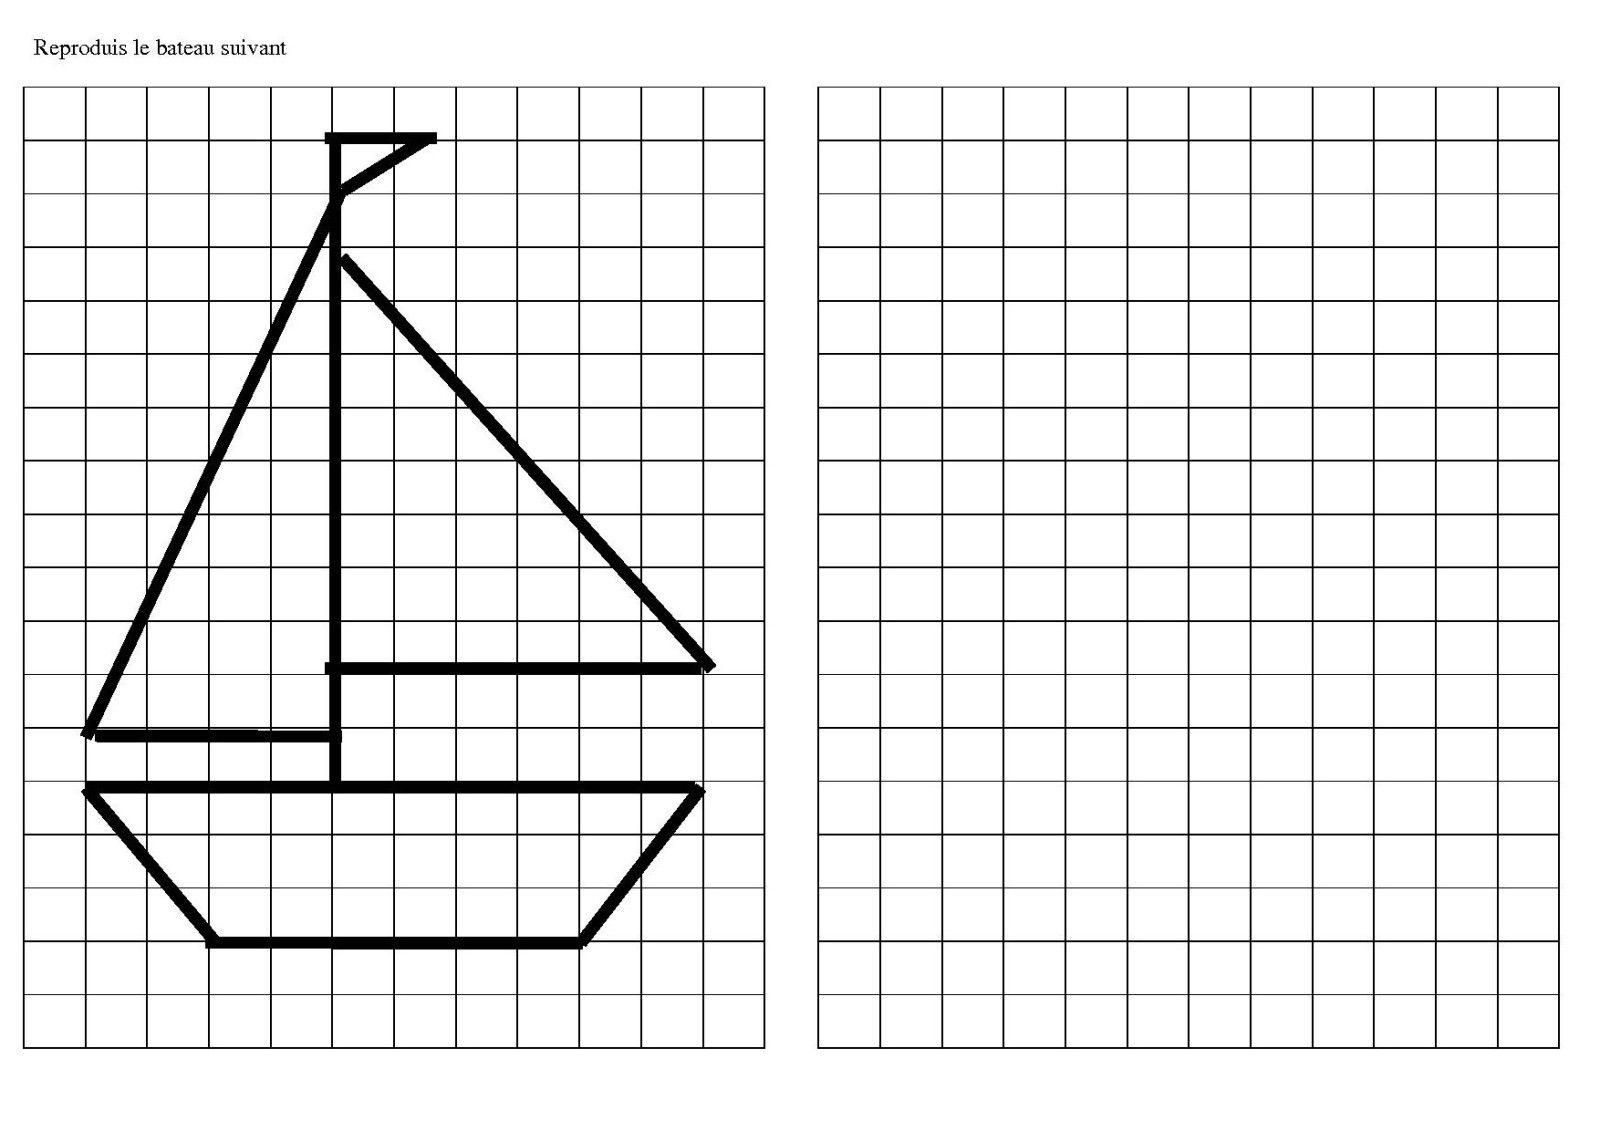 reproduire un dessin sur quadrillage cp - Recherche Google   étude p1   Pinterest